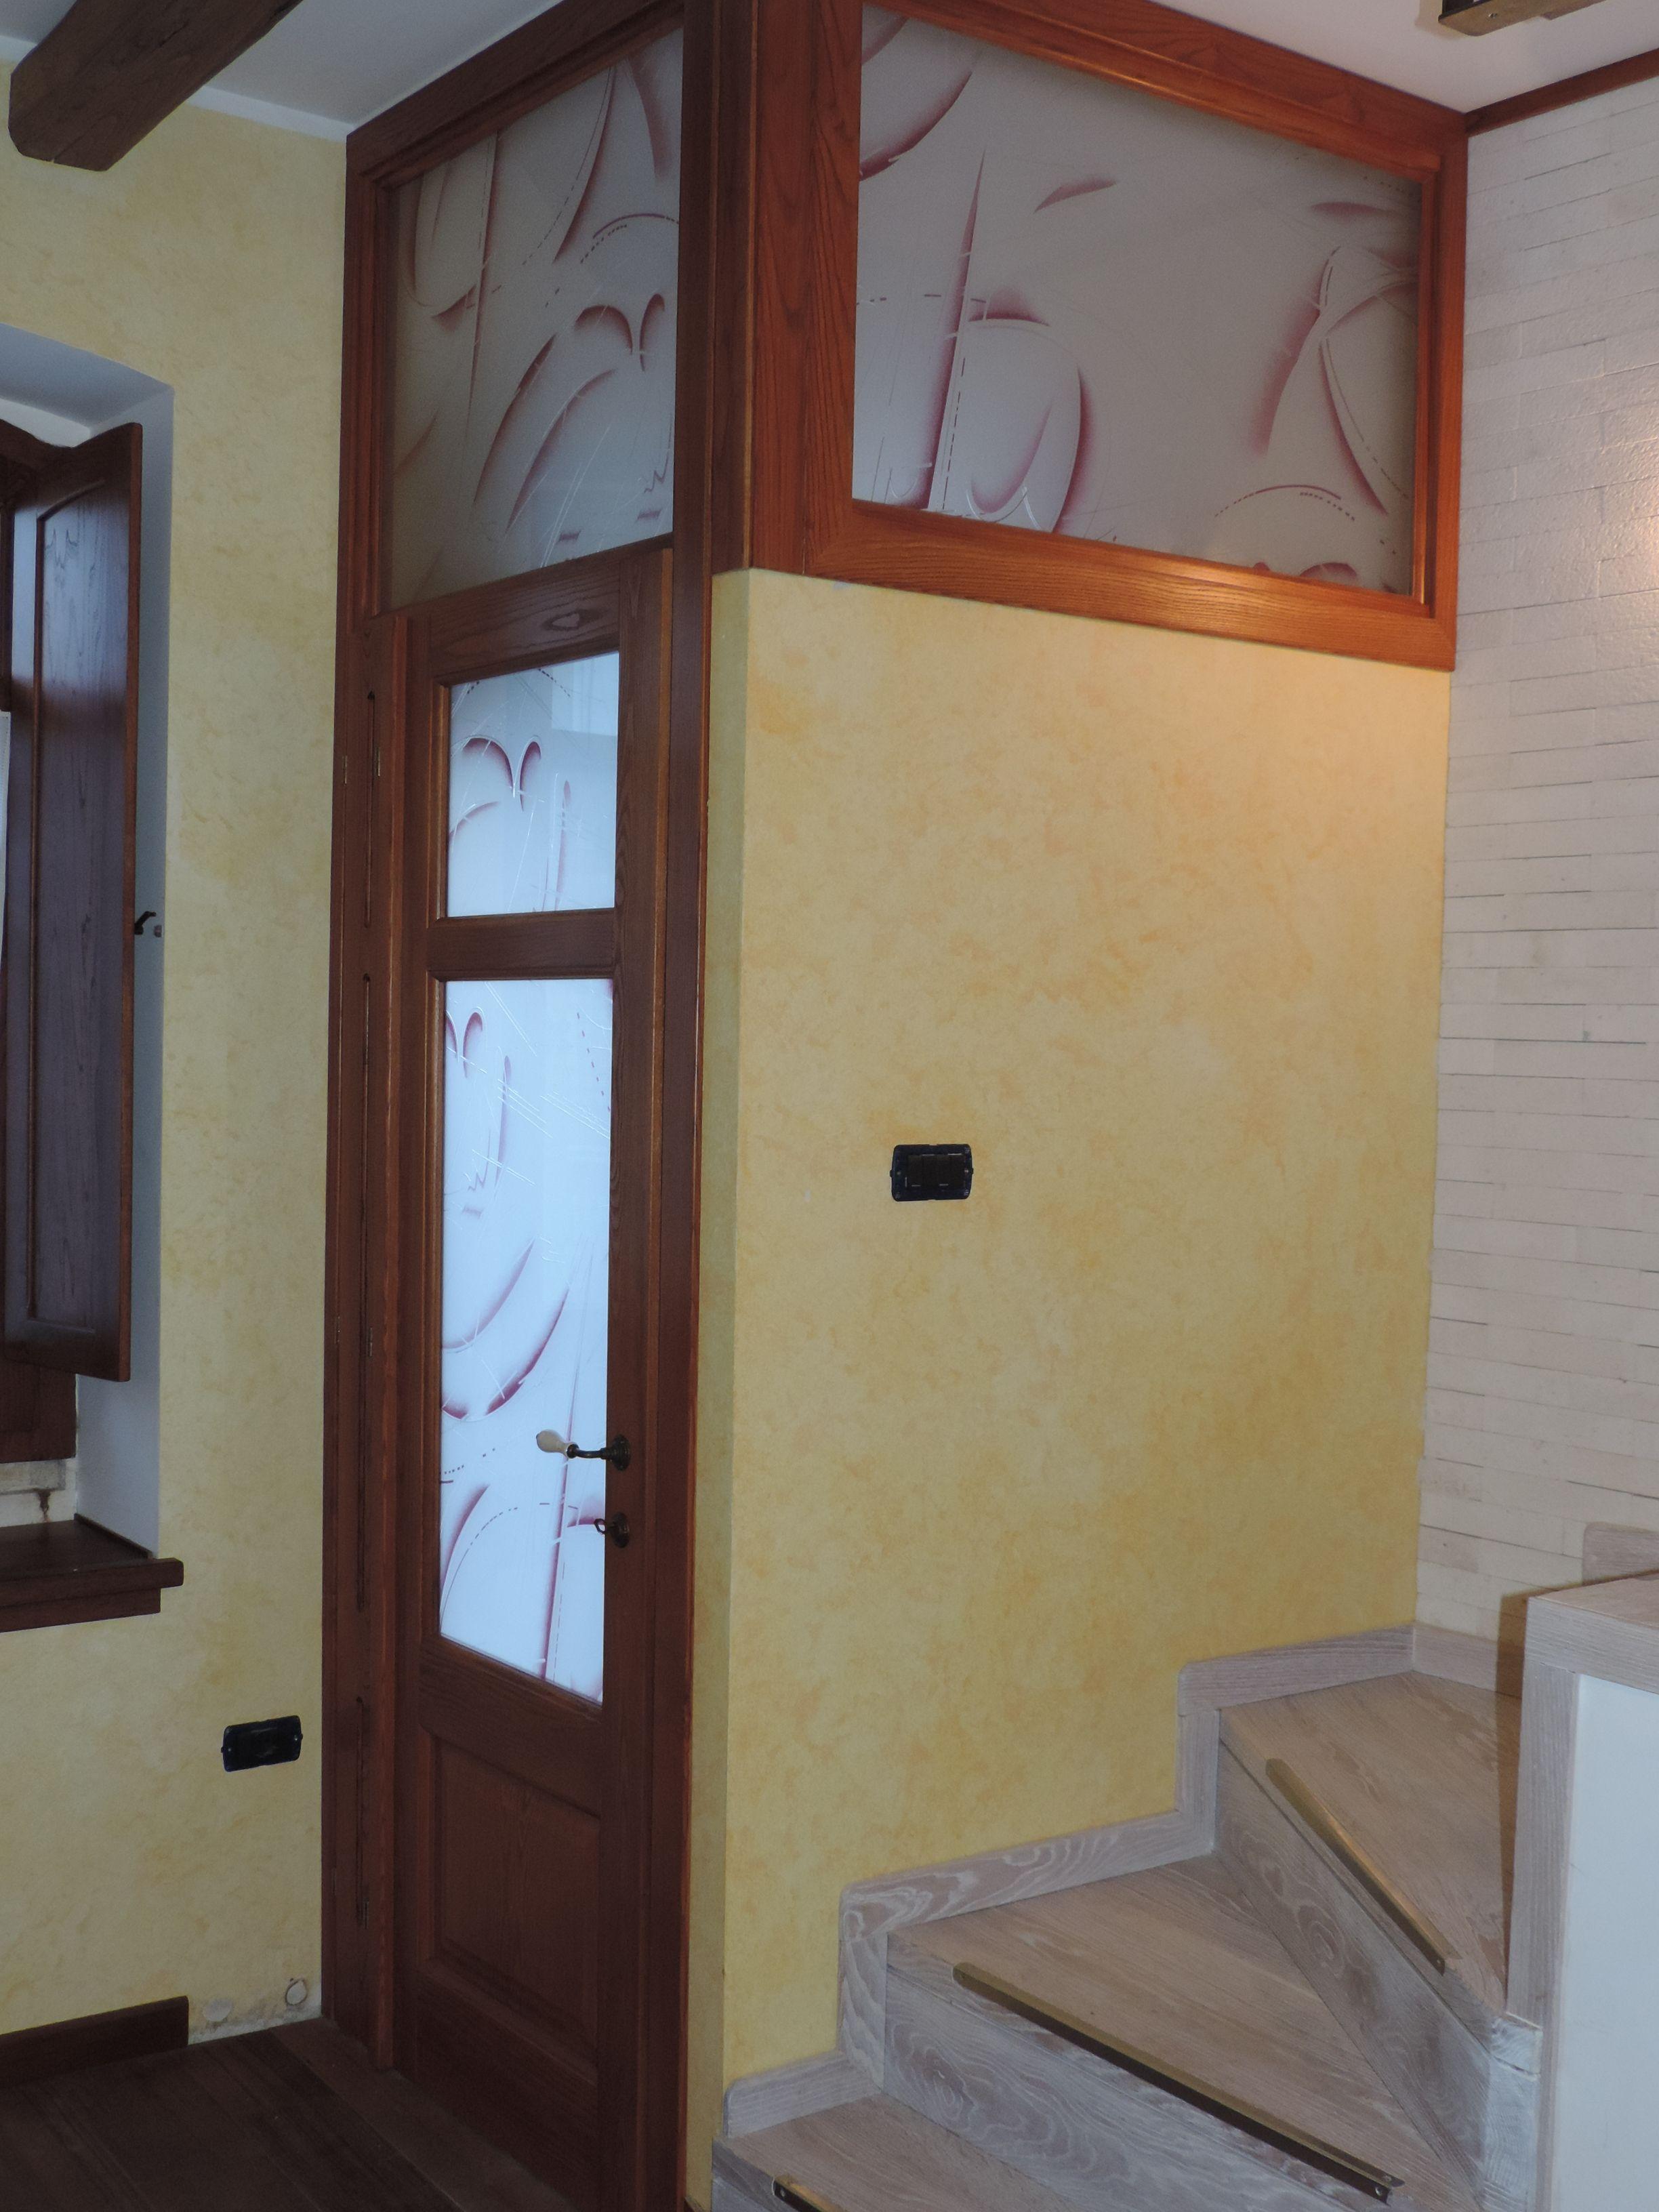 Ingressi pi luminosi porte e vetri porte per interni pinterest porte interni e arredamento - Porte a specchio per interni ...